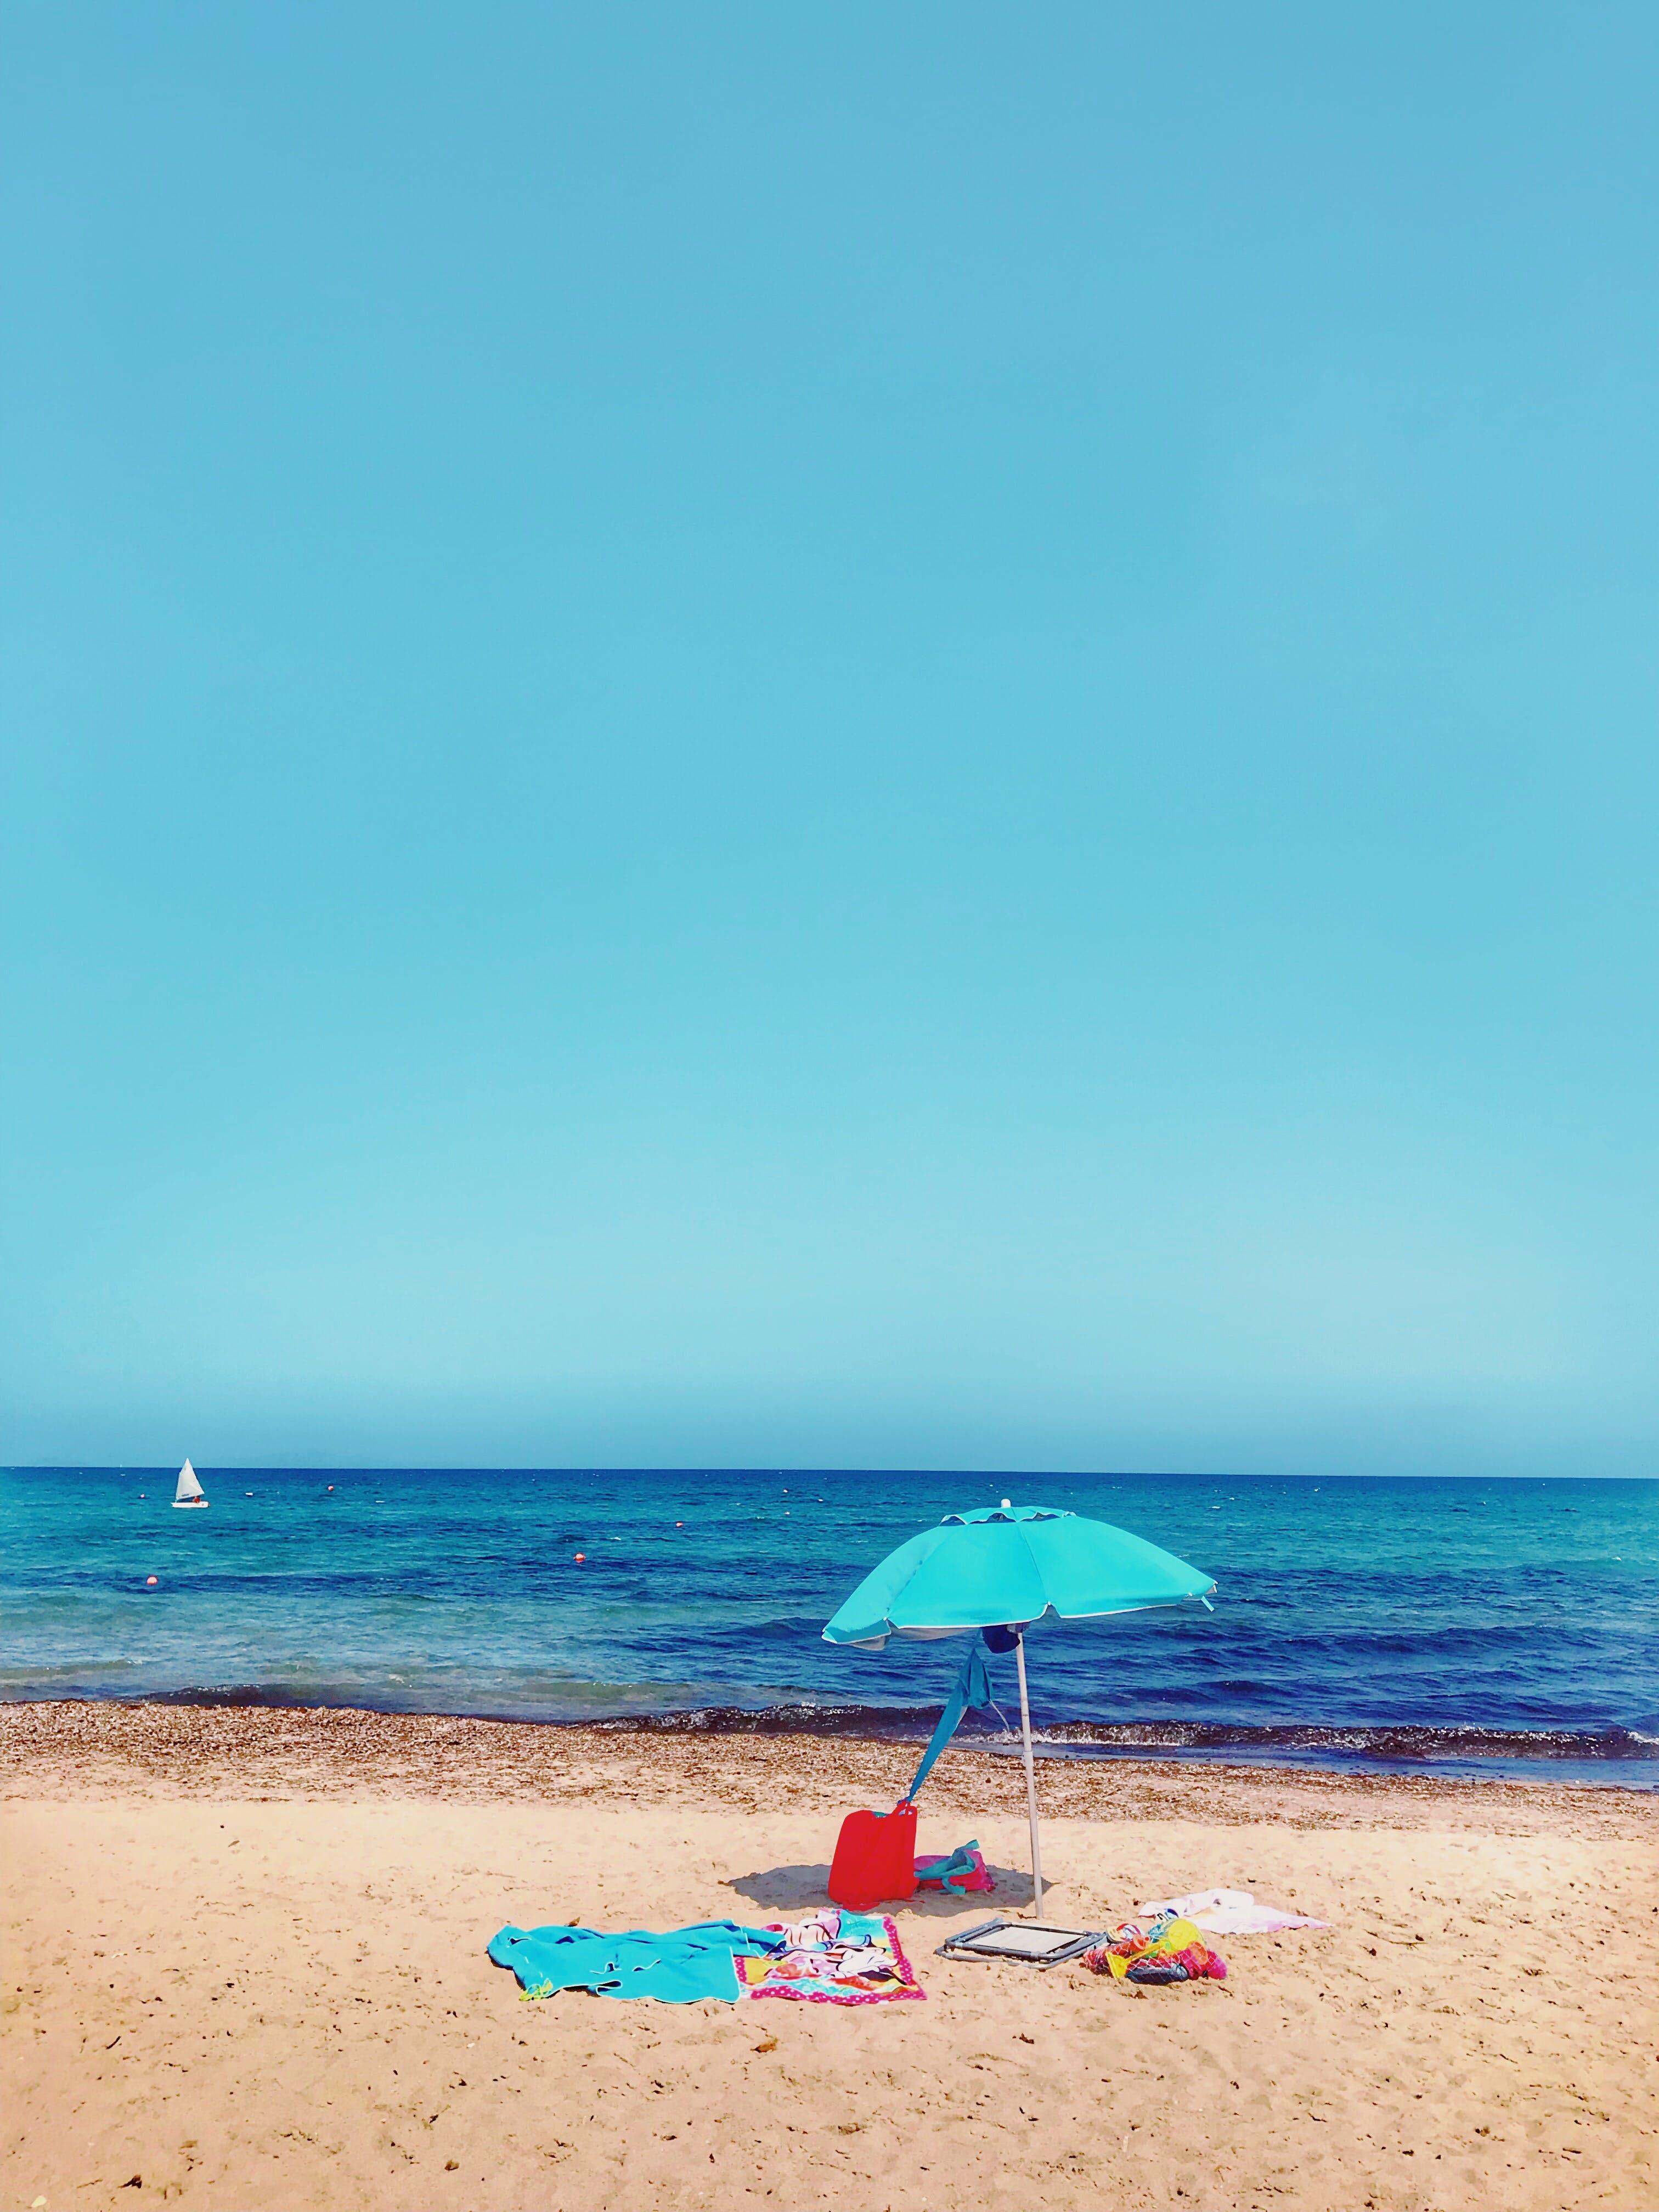 Teal Parasol At The Shore